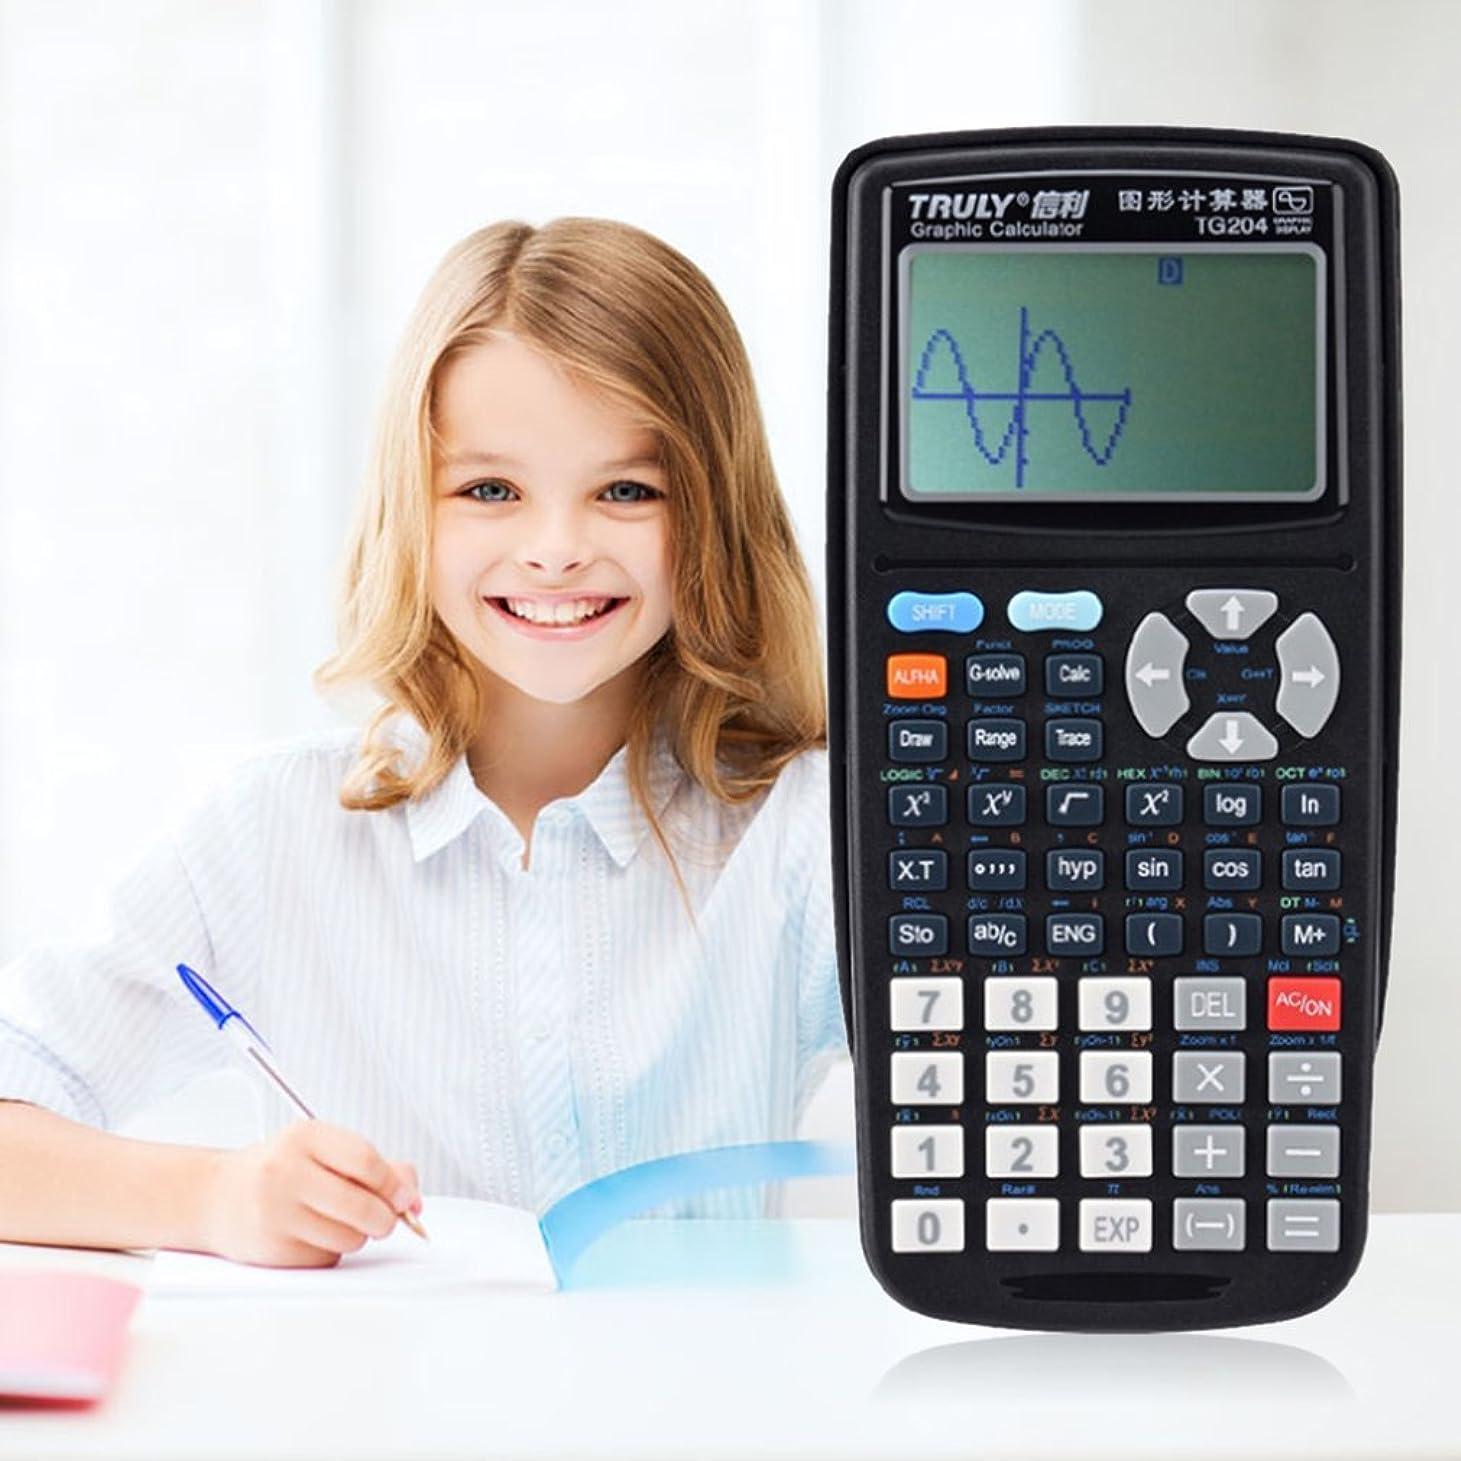 失望返還お茶Lamijua TG204 ポータブルサイズ 学生 グラフィック 電卓 科学的グラフ計算機 グラフィック教育用 ブラック